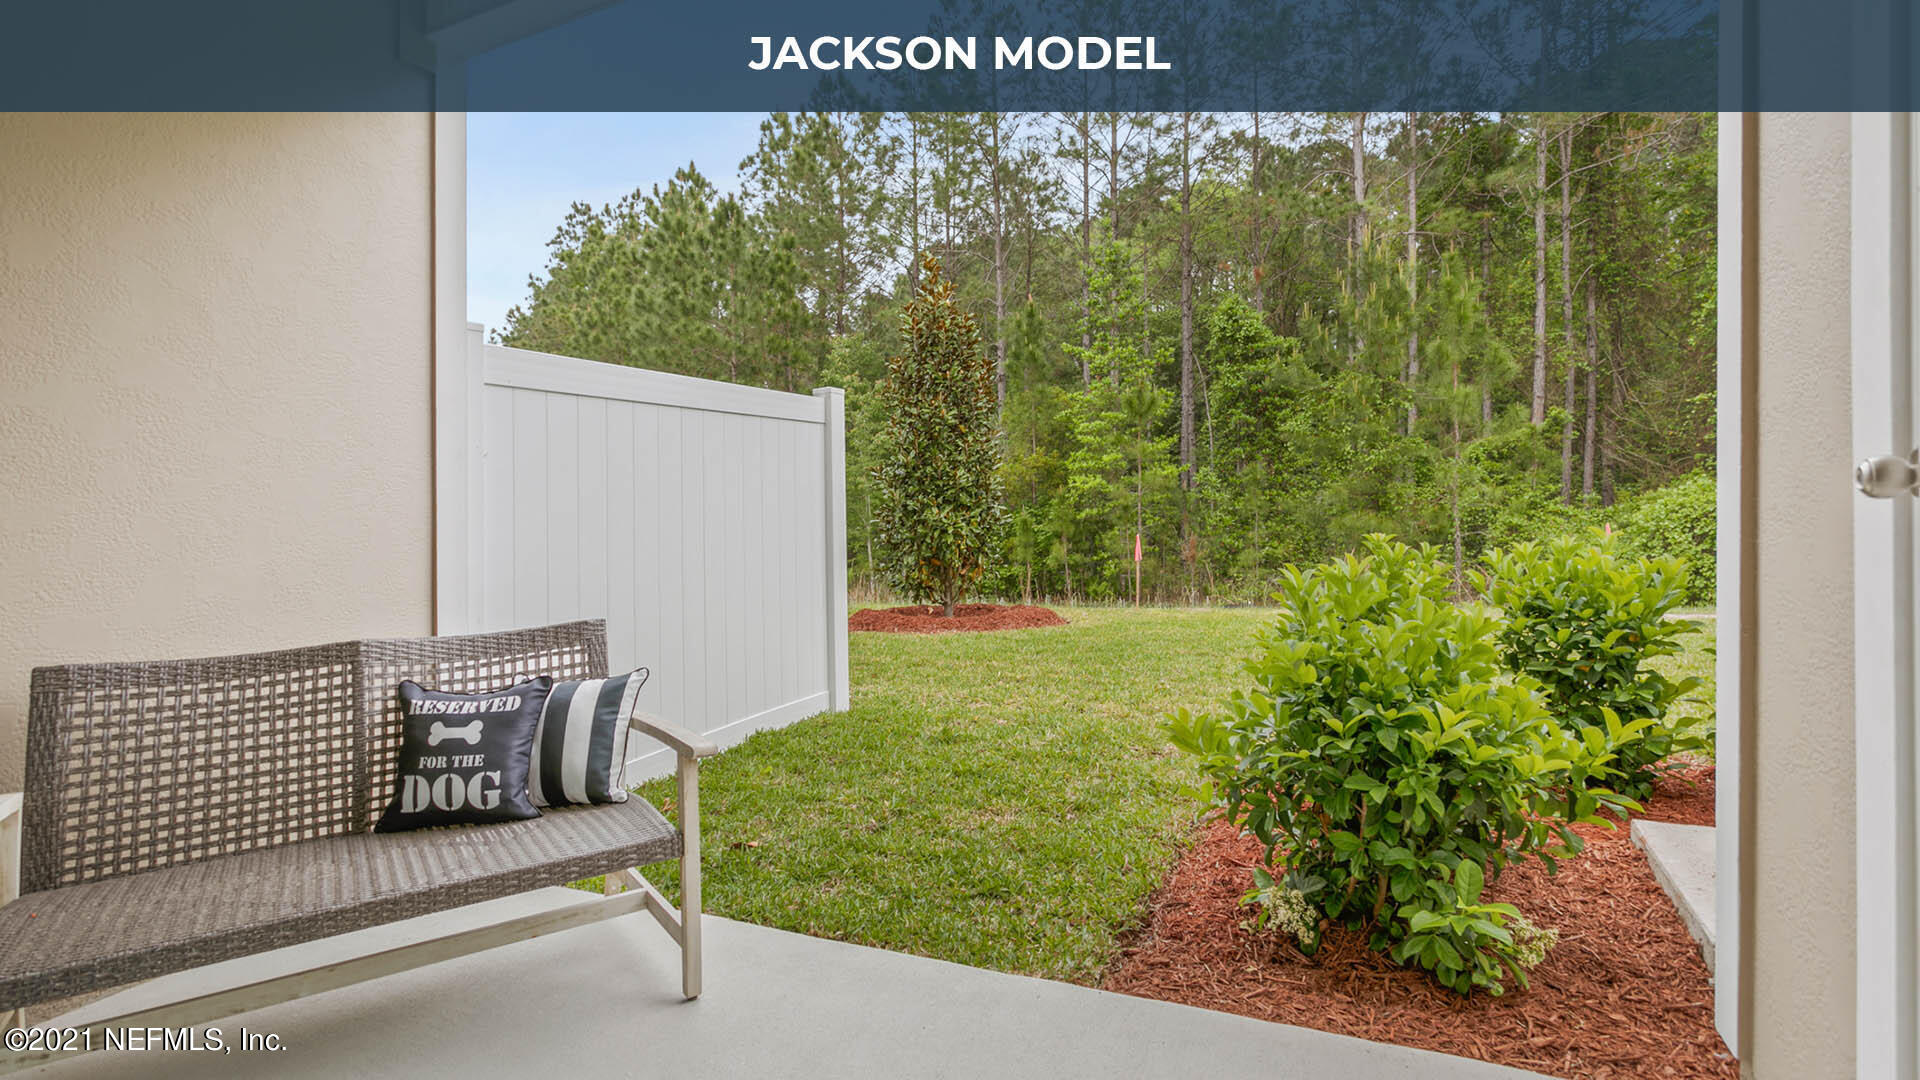 575 OAKLEAF PLANTATION, ORANGE PARK, FLORIDA 32065, 2 Bedrooms Bedrooms, ,2 BathroomsBathrooms,Residential,For sale,OAKLEAF PLANTATION,1105727